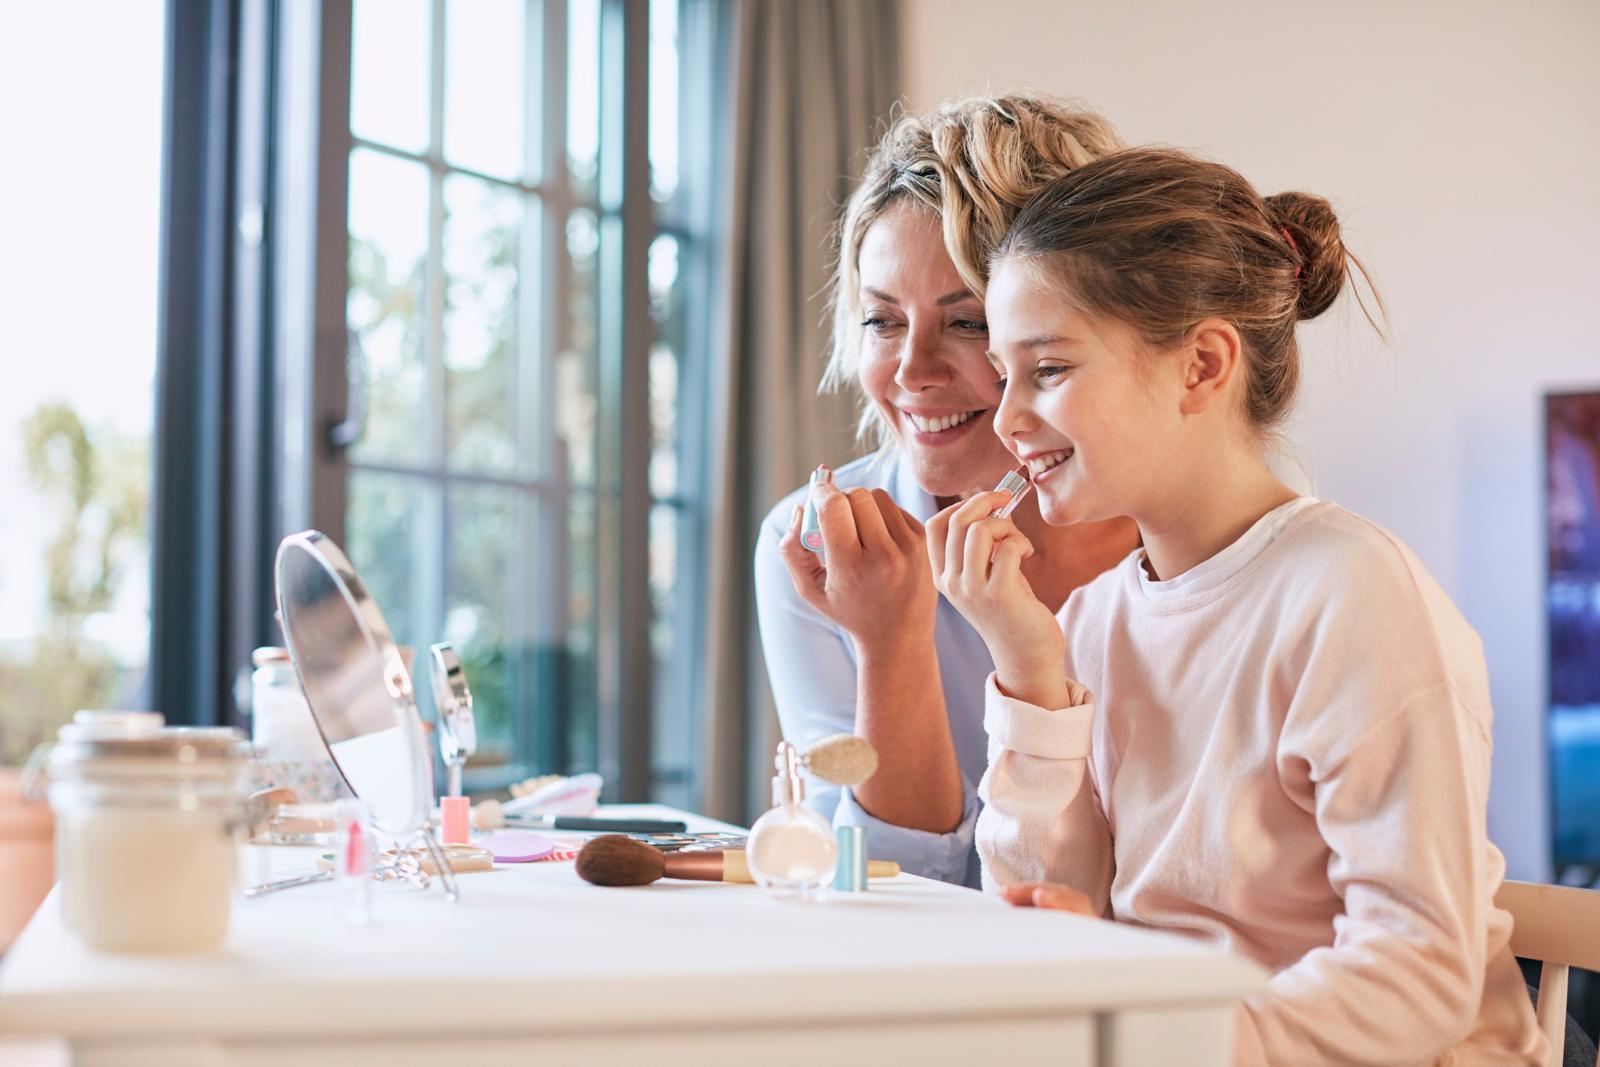 Proizvođači šminke, baš kao i drugih kozmetičkih proizvoda, očito se dobro služe marketinškim trikovima.